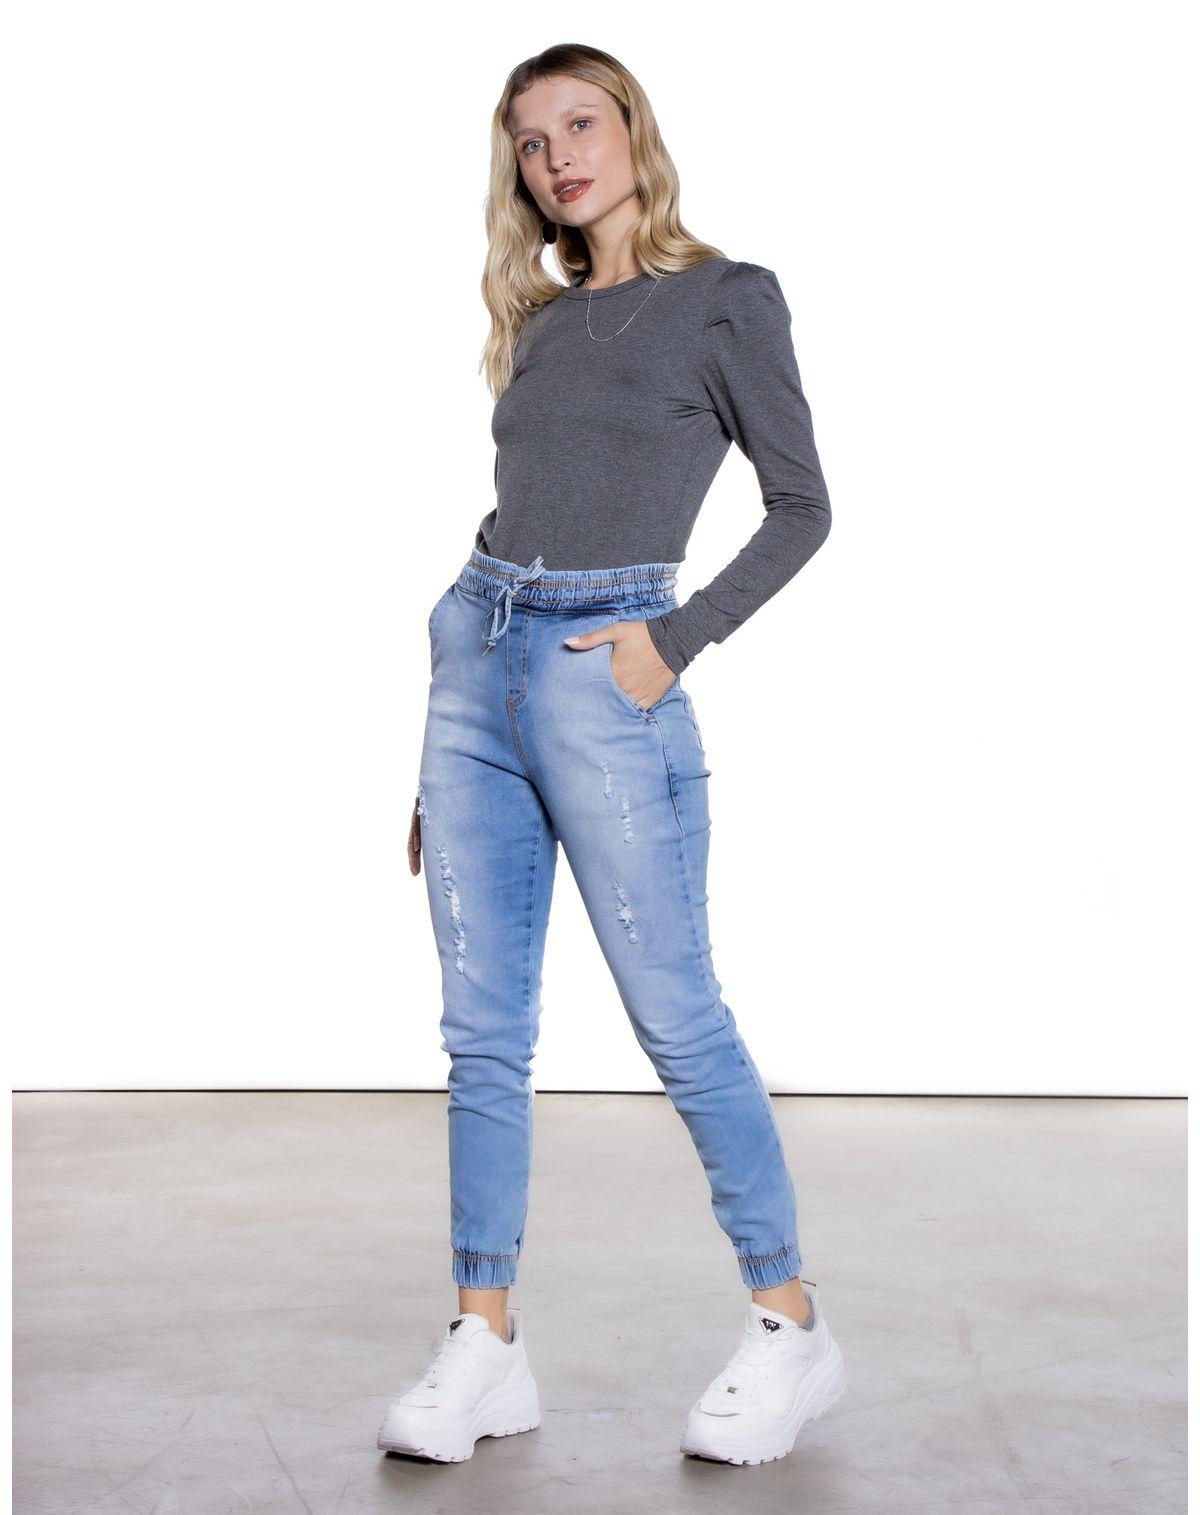 592451002-calca-jeans-jogger-feminina-estonada-destroyed-jeans-claro-38-c9c